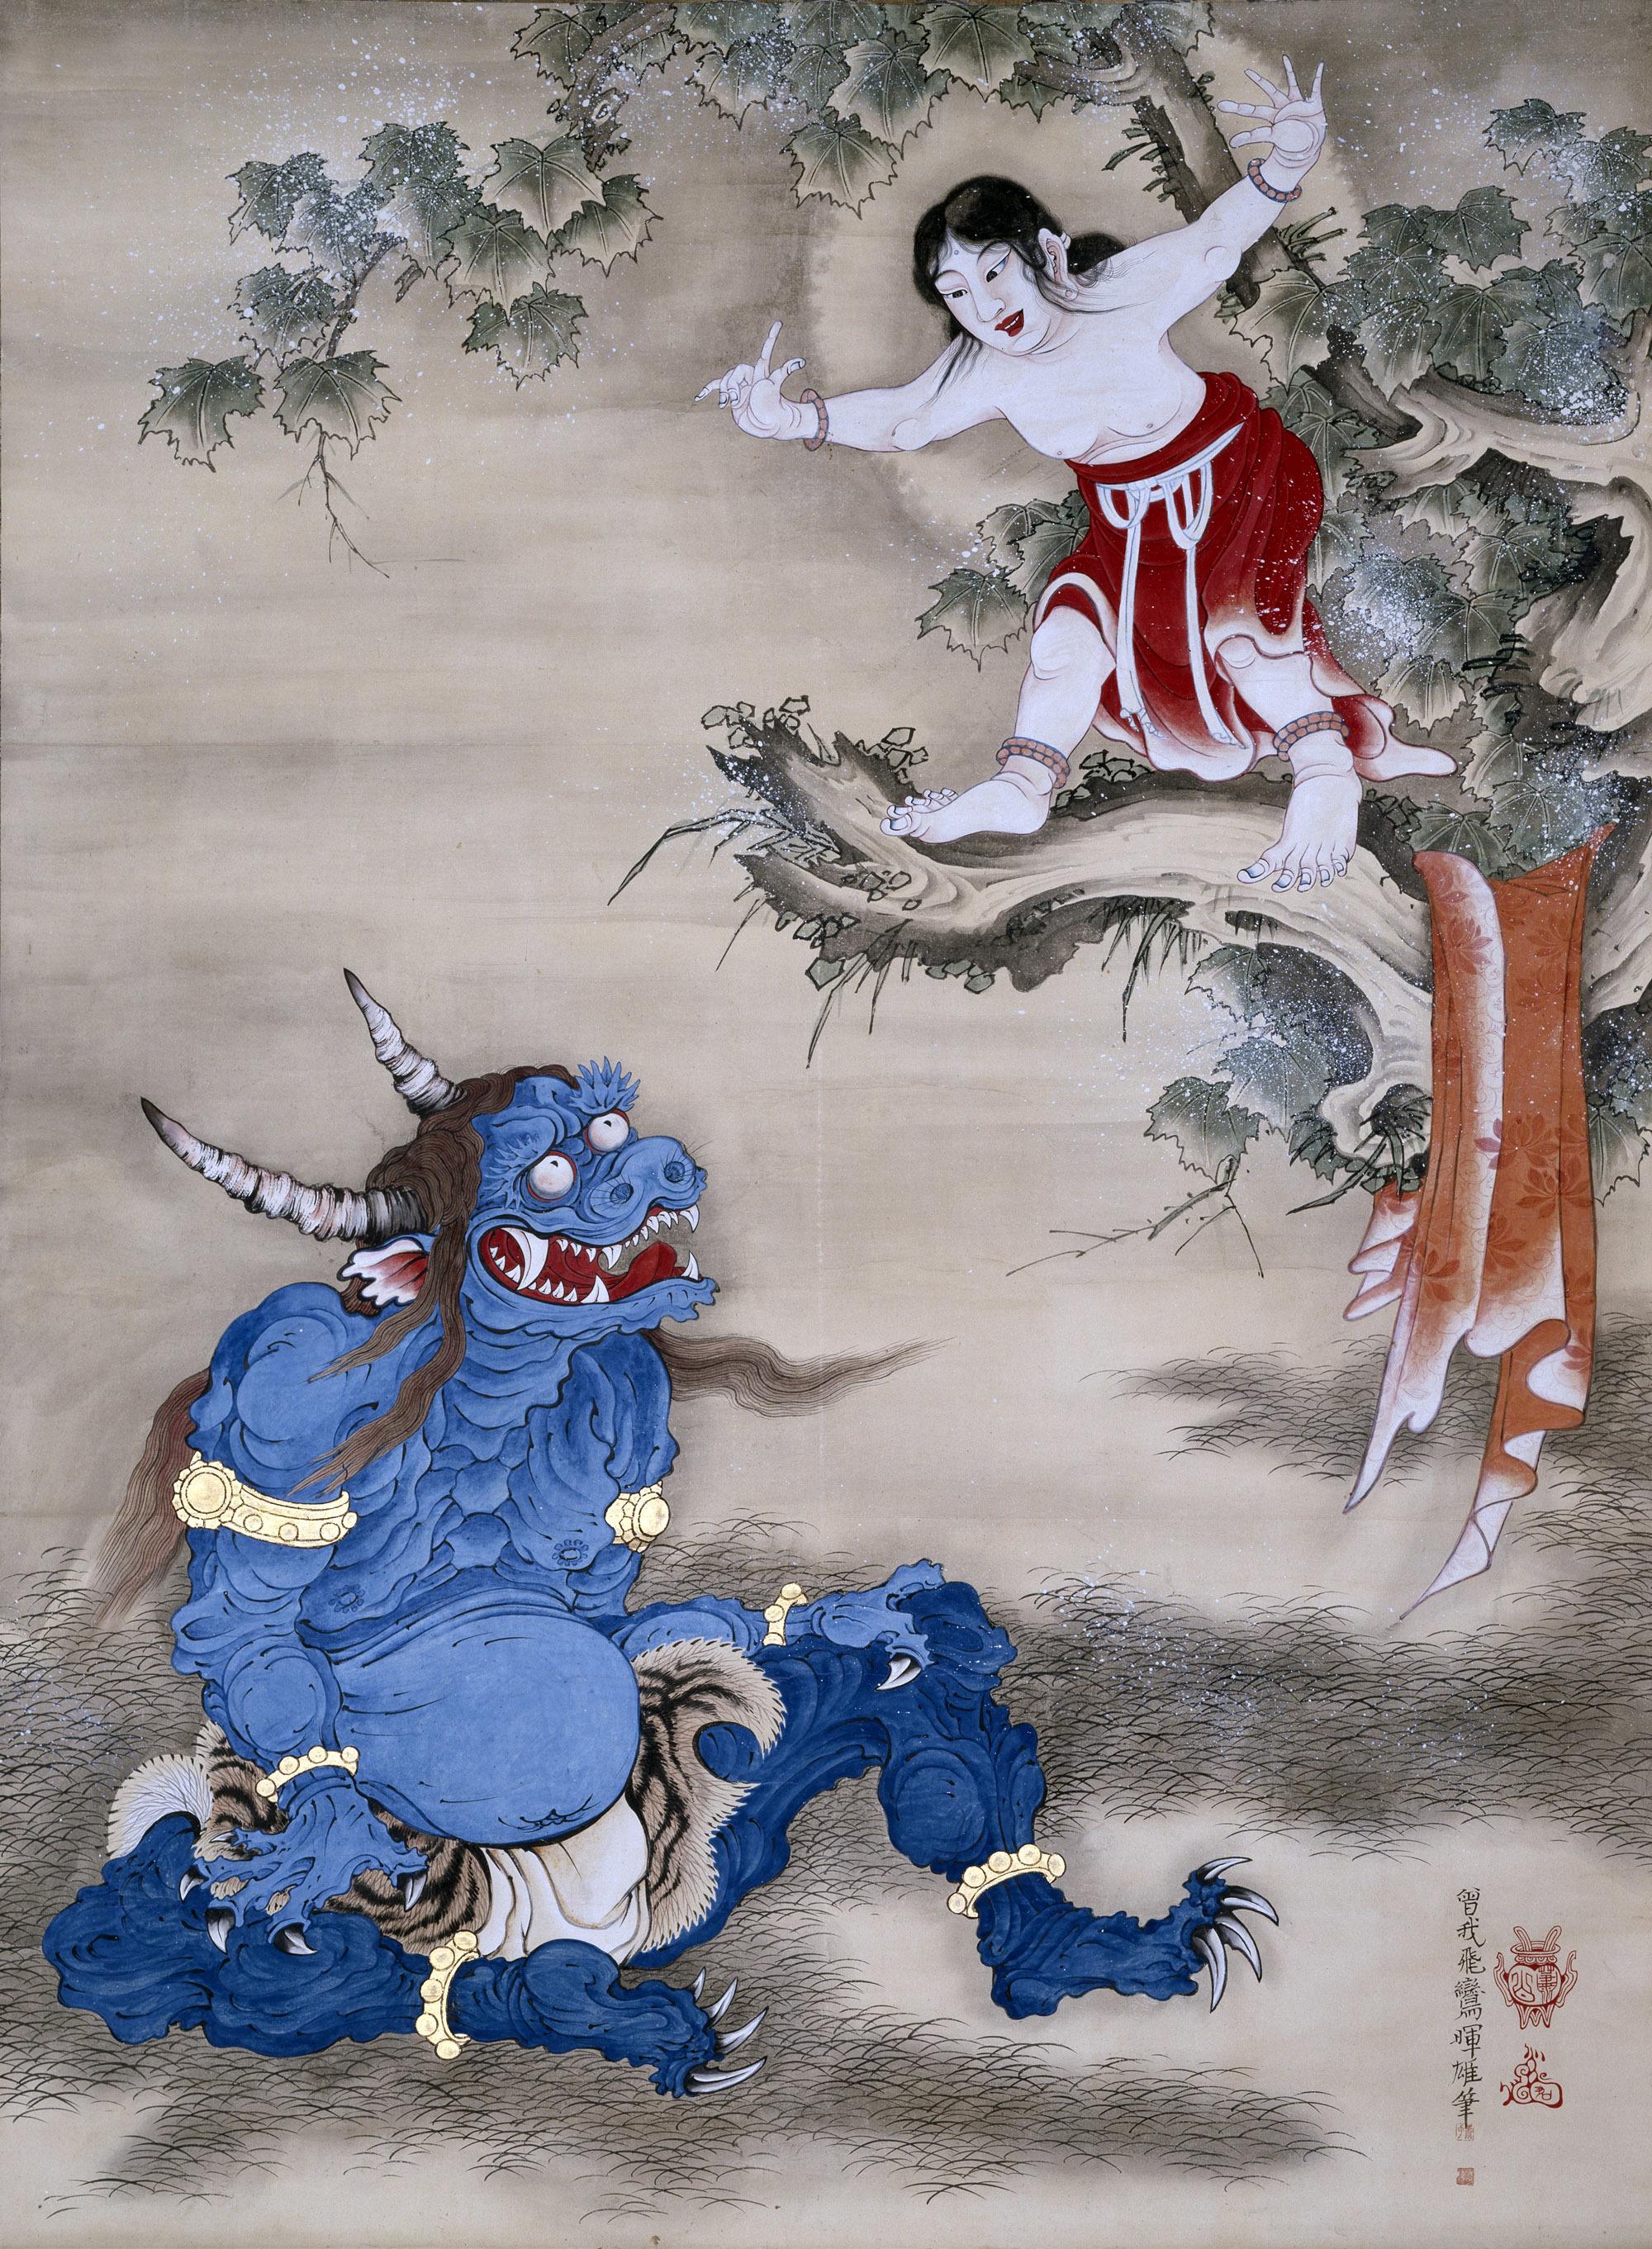 曽我蕭白 《雪山童子図》 紙本着色 一幅 169.8×124.8 明和元年(1764)頃 三重・継松寺